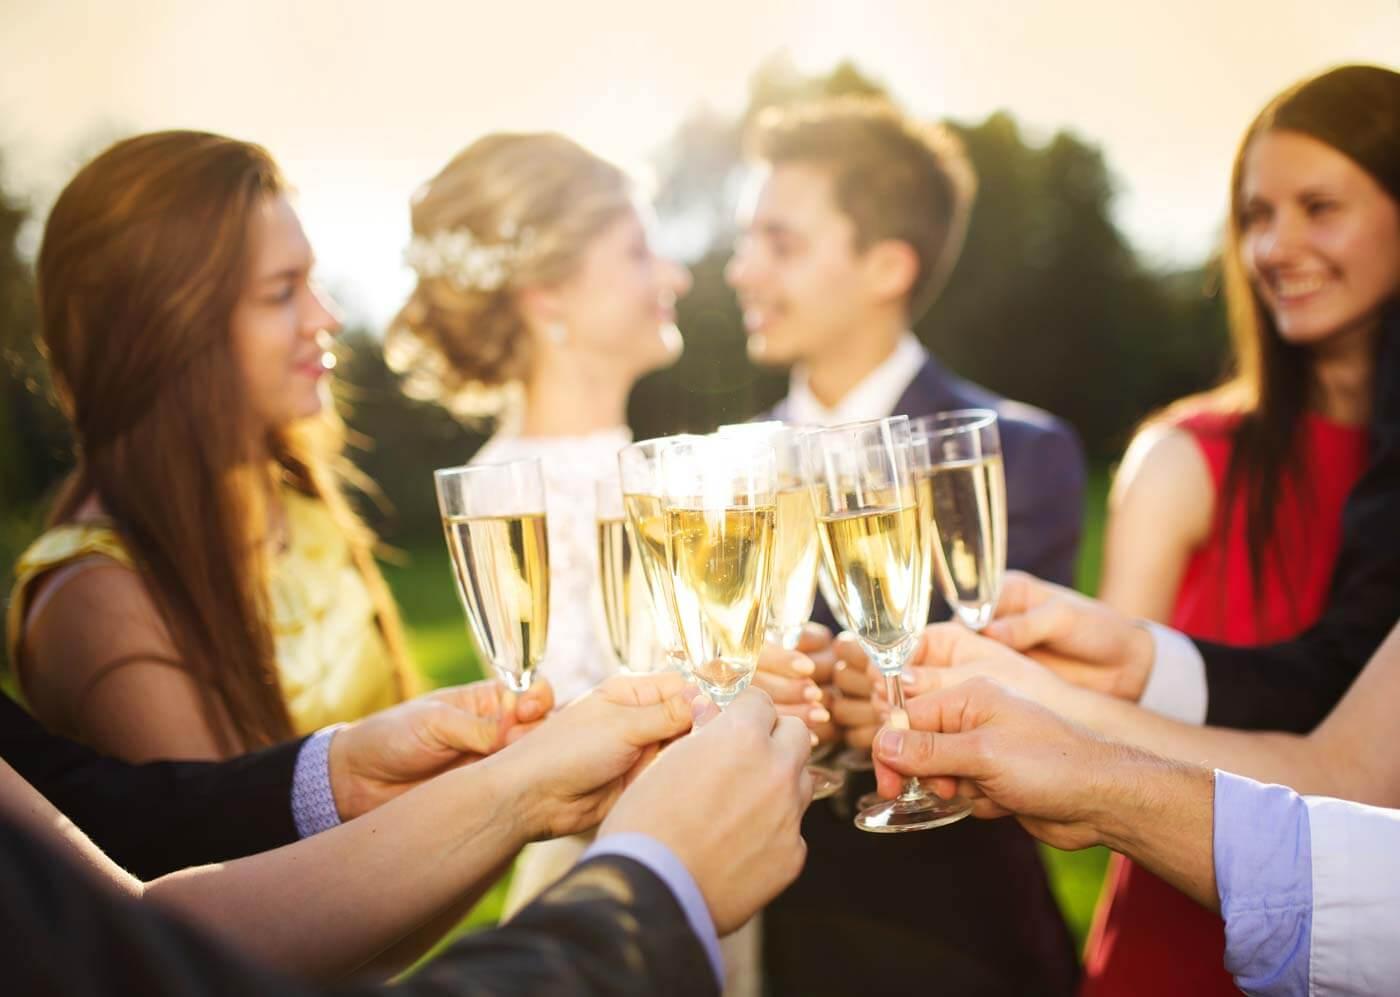 Ansprache zur Hochzeit